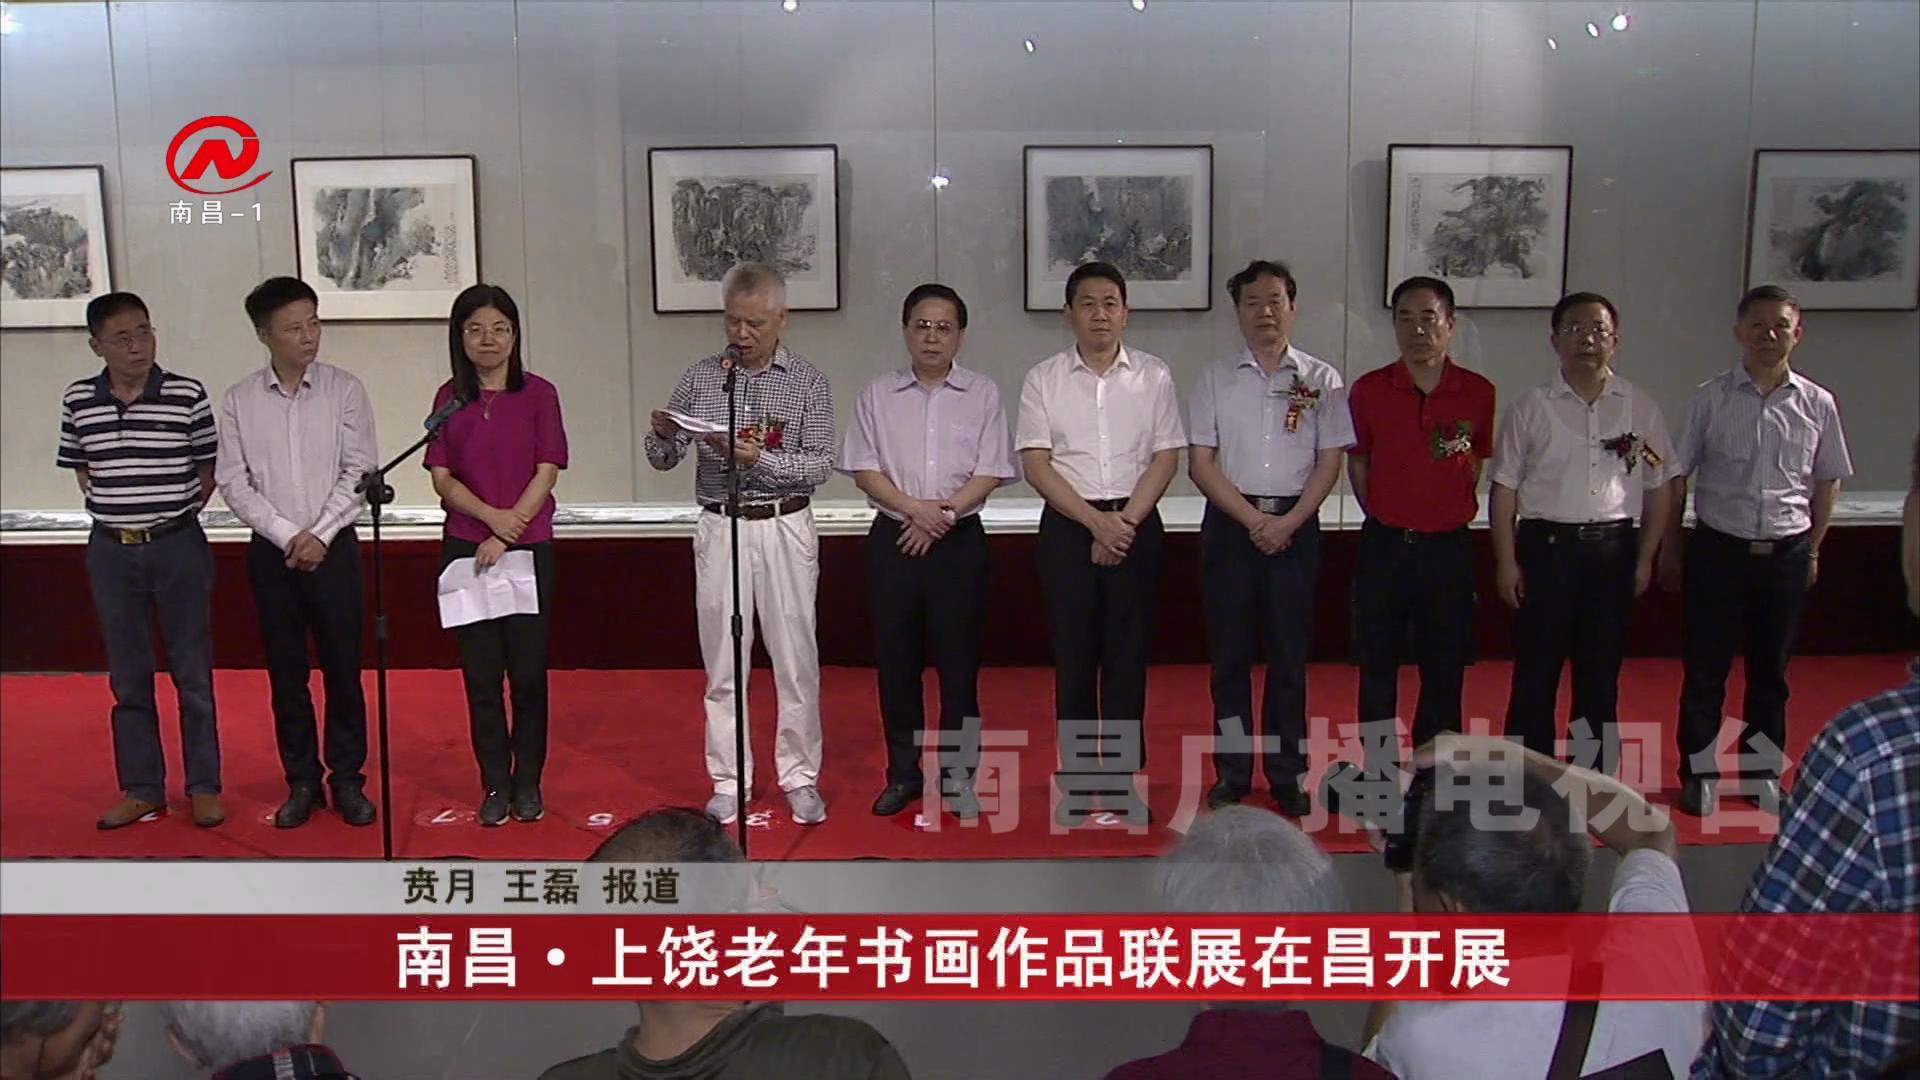 南昌·上饒老年書畫作品聯展在昌開展